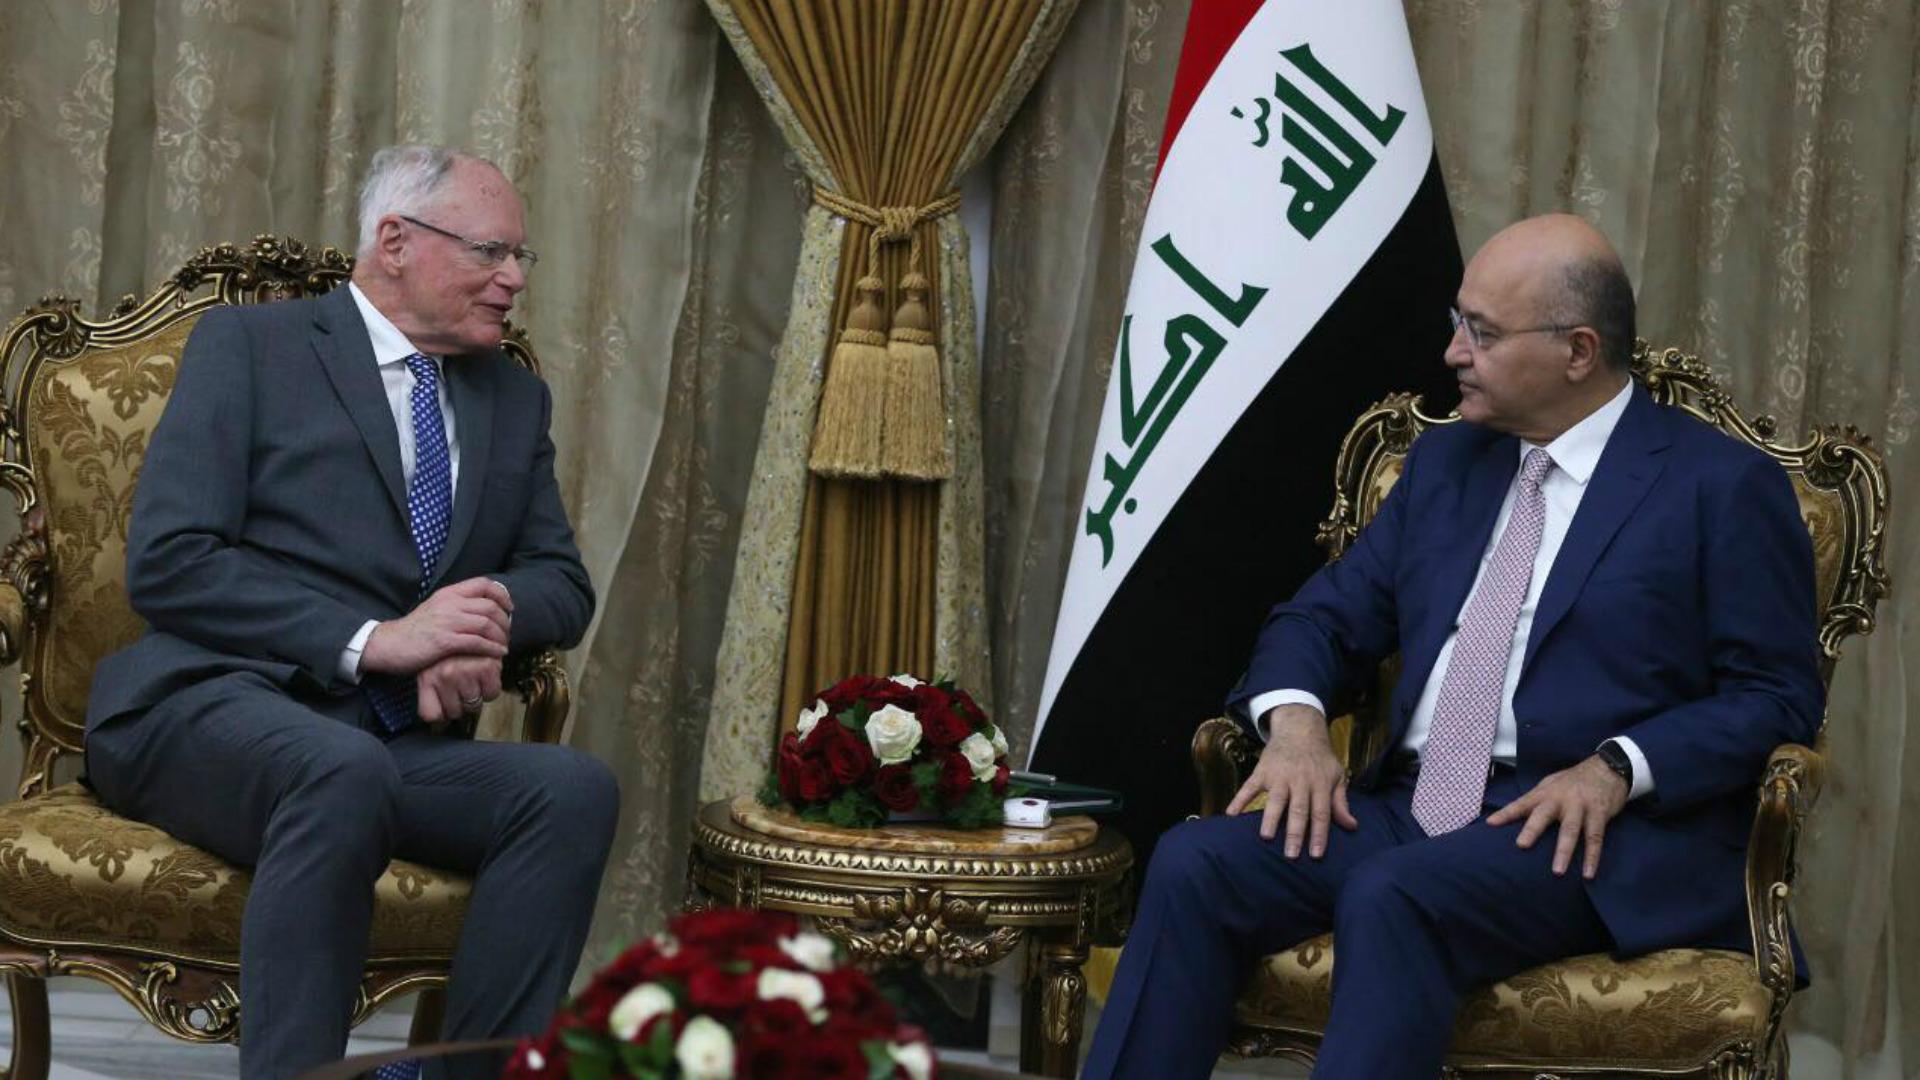 الرئيس صالح يؤكد انتهاج العراق سياسية متوازنة لتخفيف التوتر الإقليمي